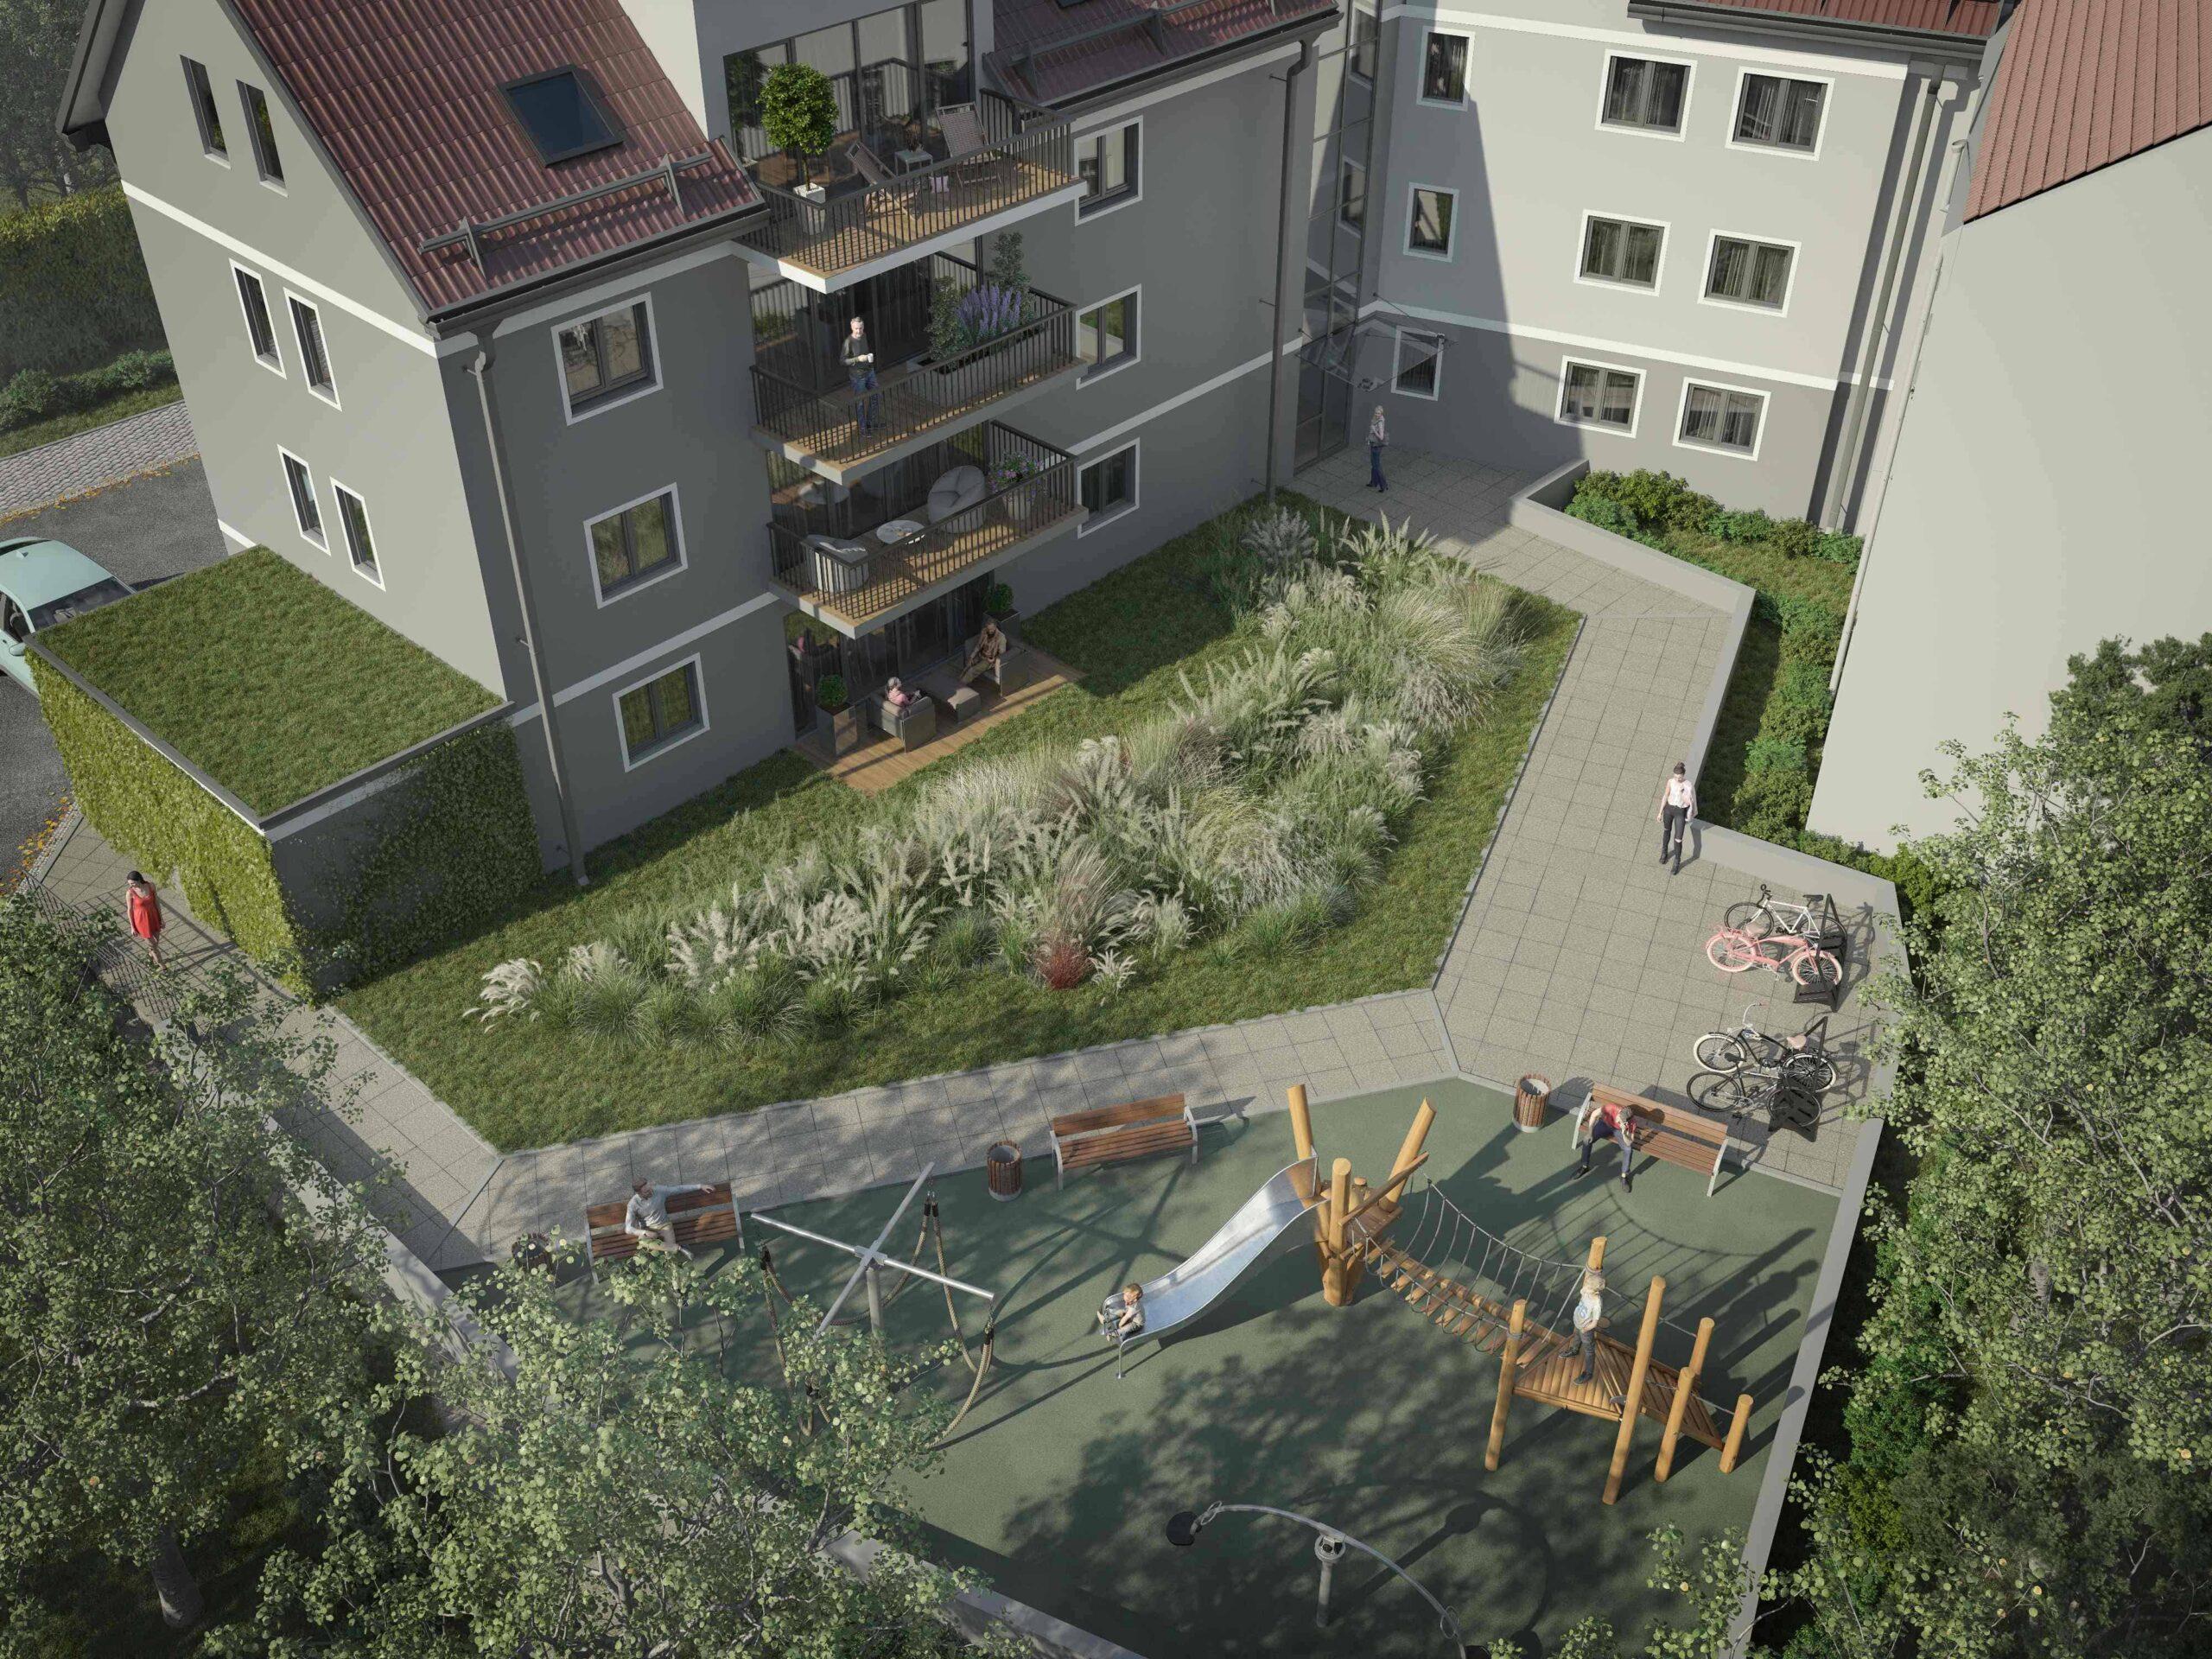 4-Zimmer-Wohnung in Schopfheim, Neubau,